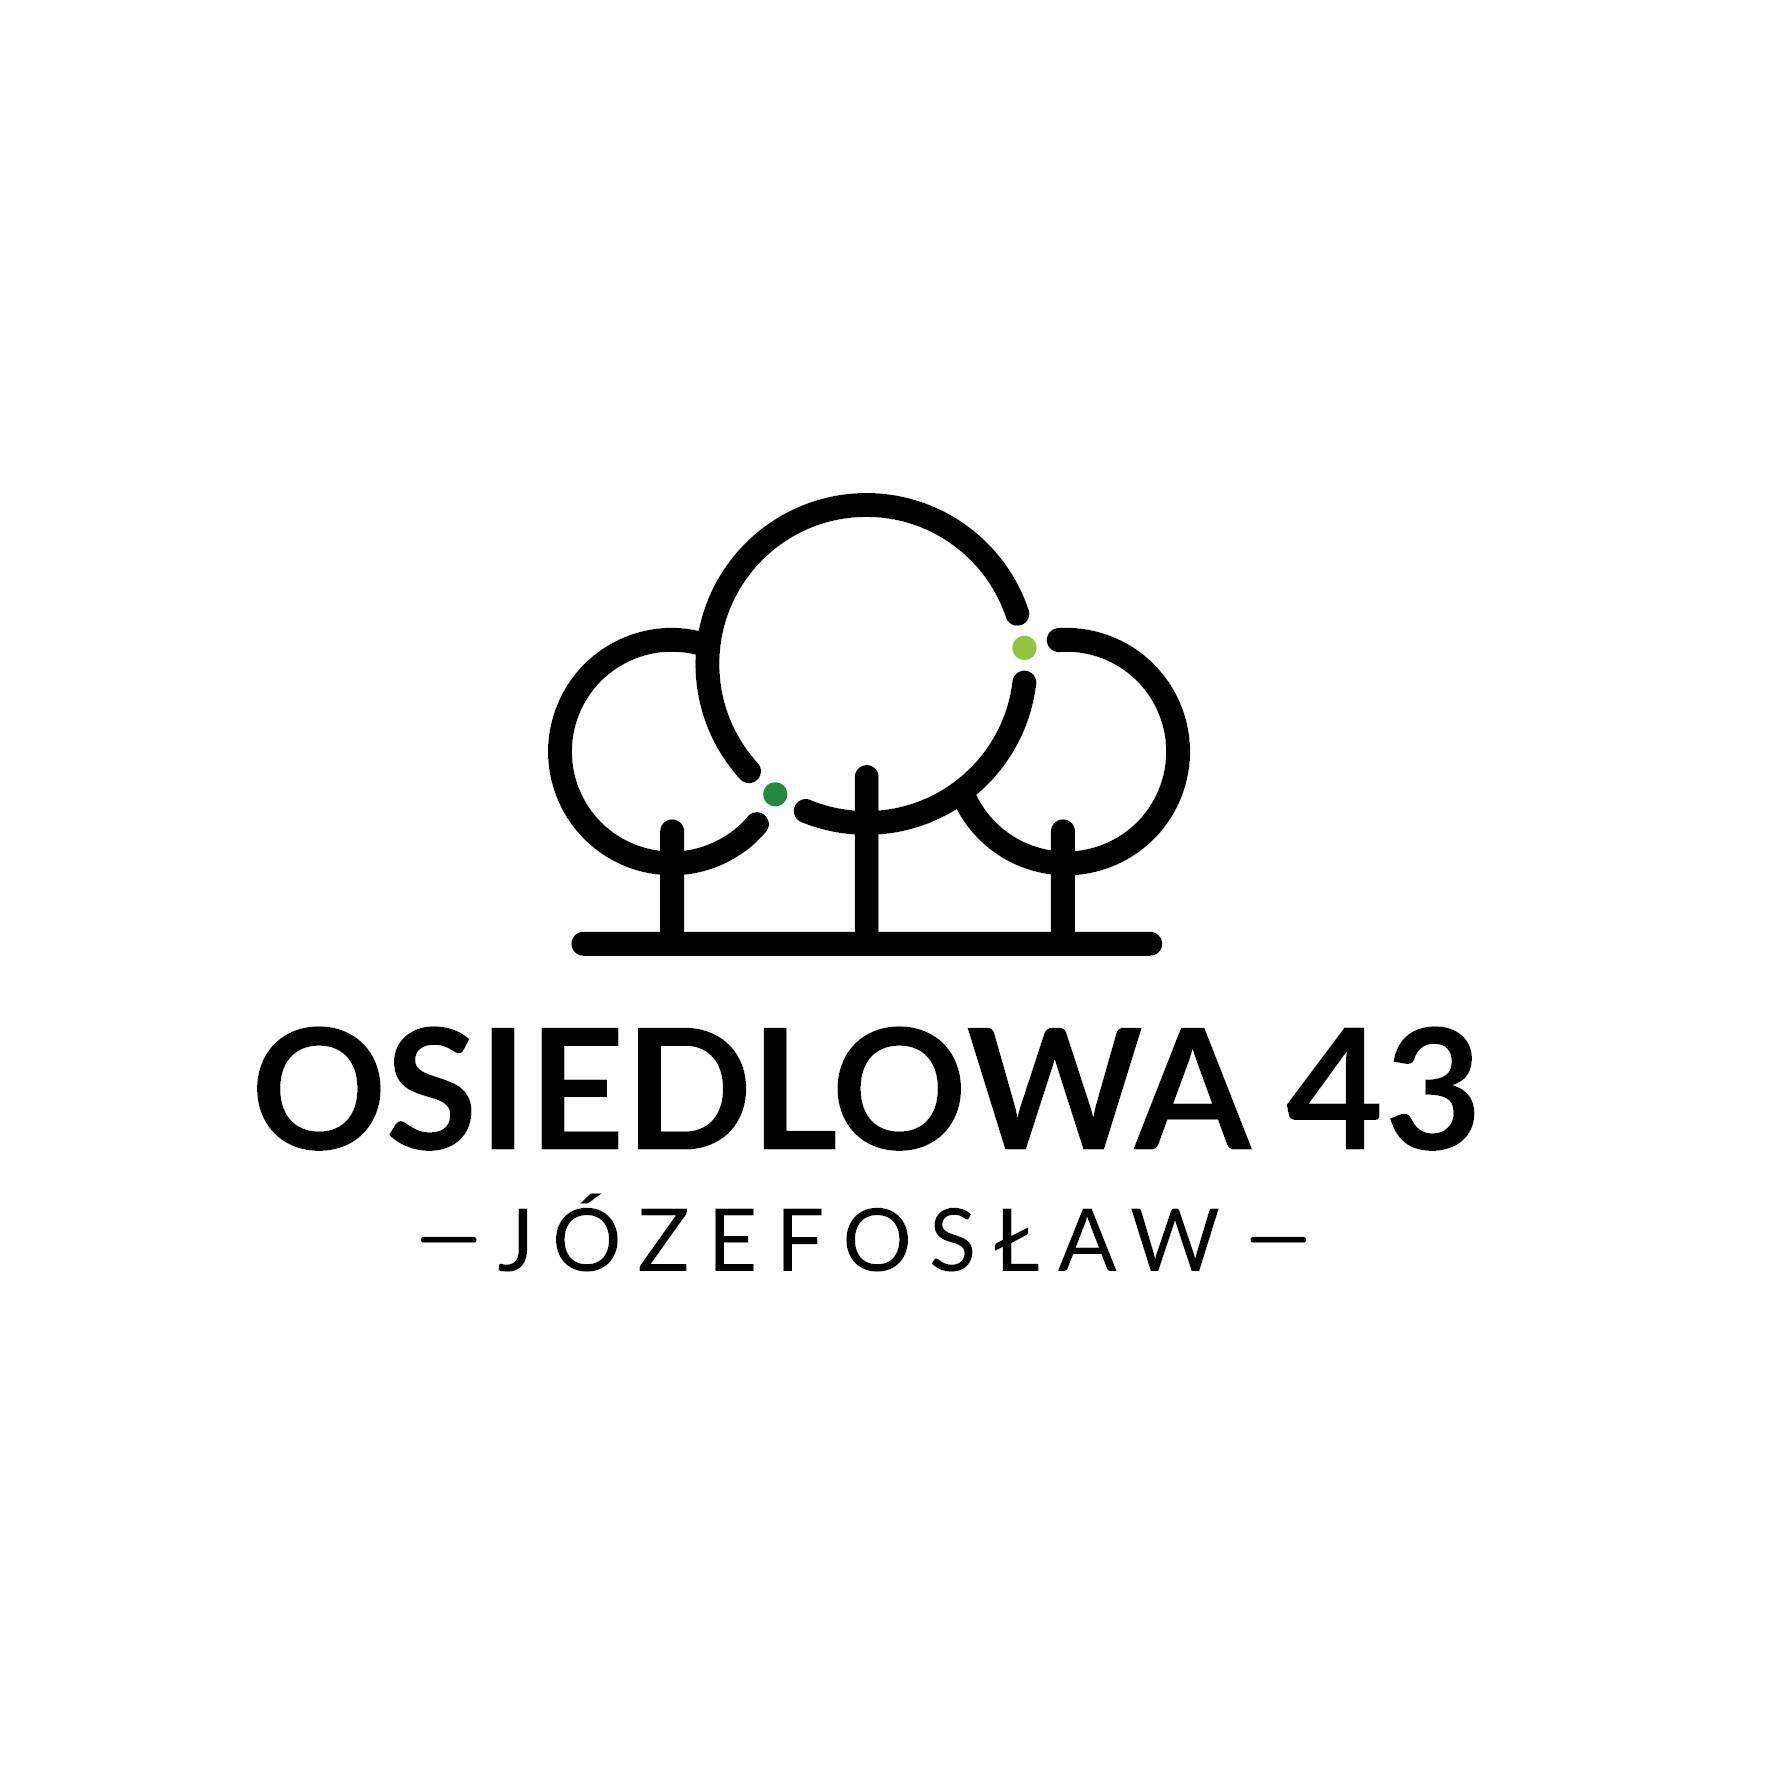 Osiedle pod Warszawą - Osiedlowa 43